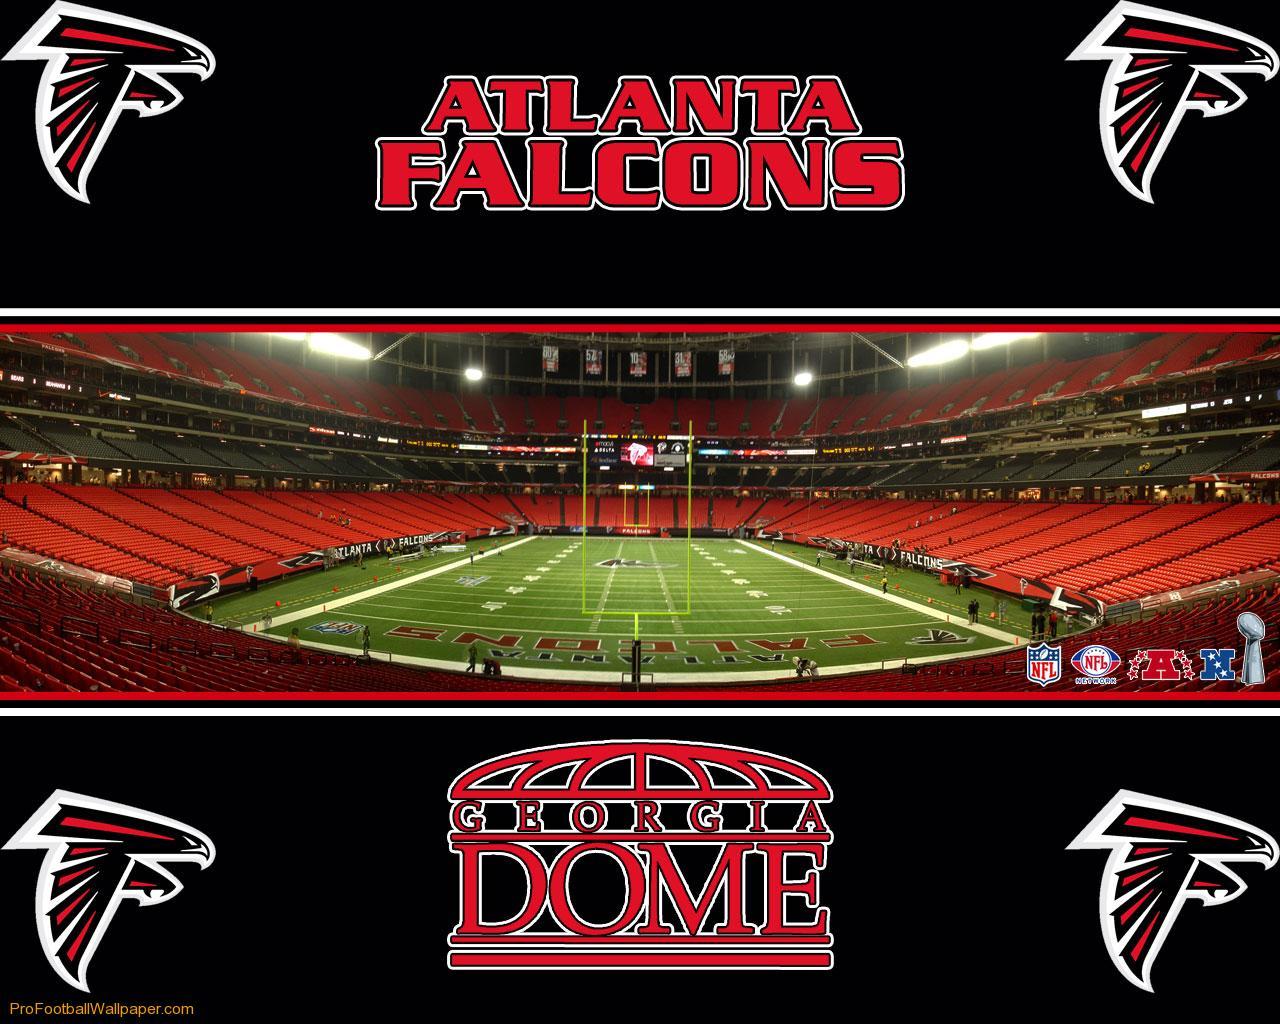 Atlanta Falcons Wallpaper 177284 HD Wallpaper Res 1280x1024 1280x1024